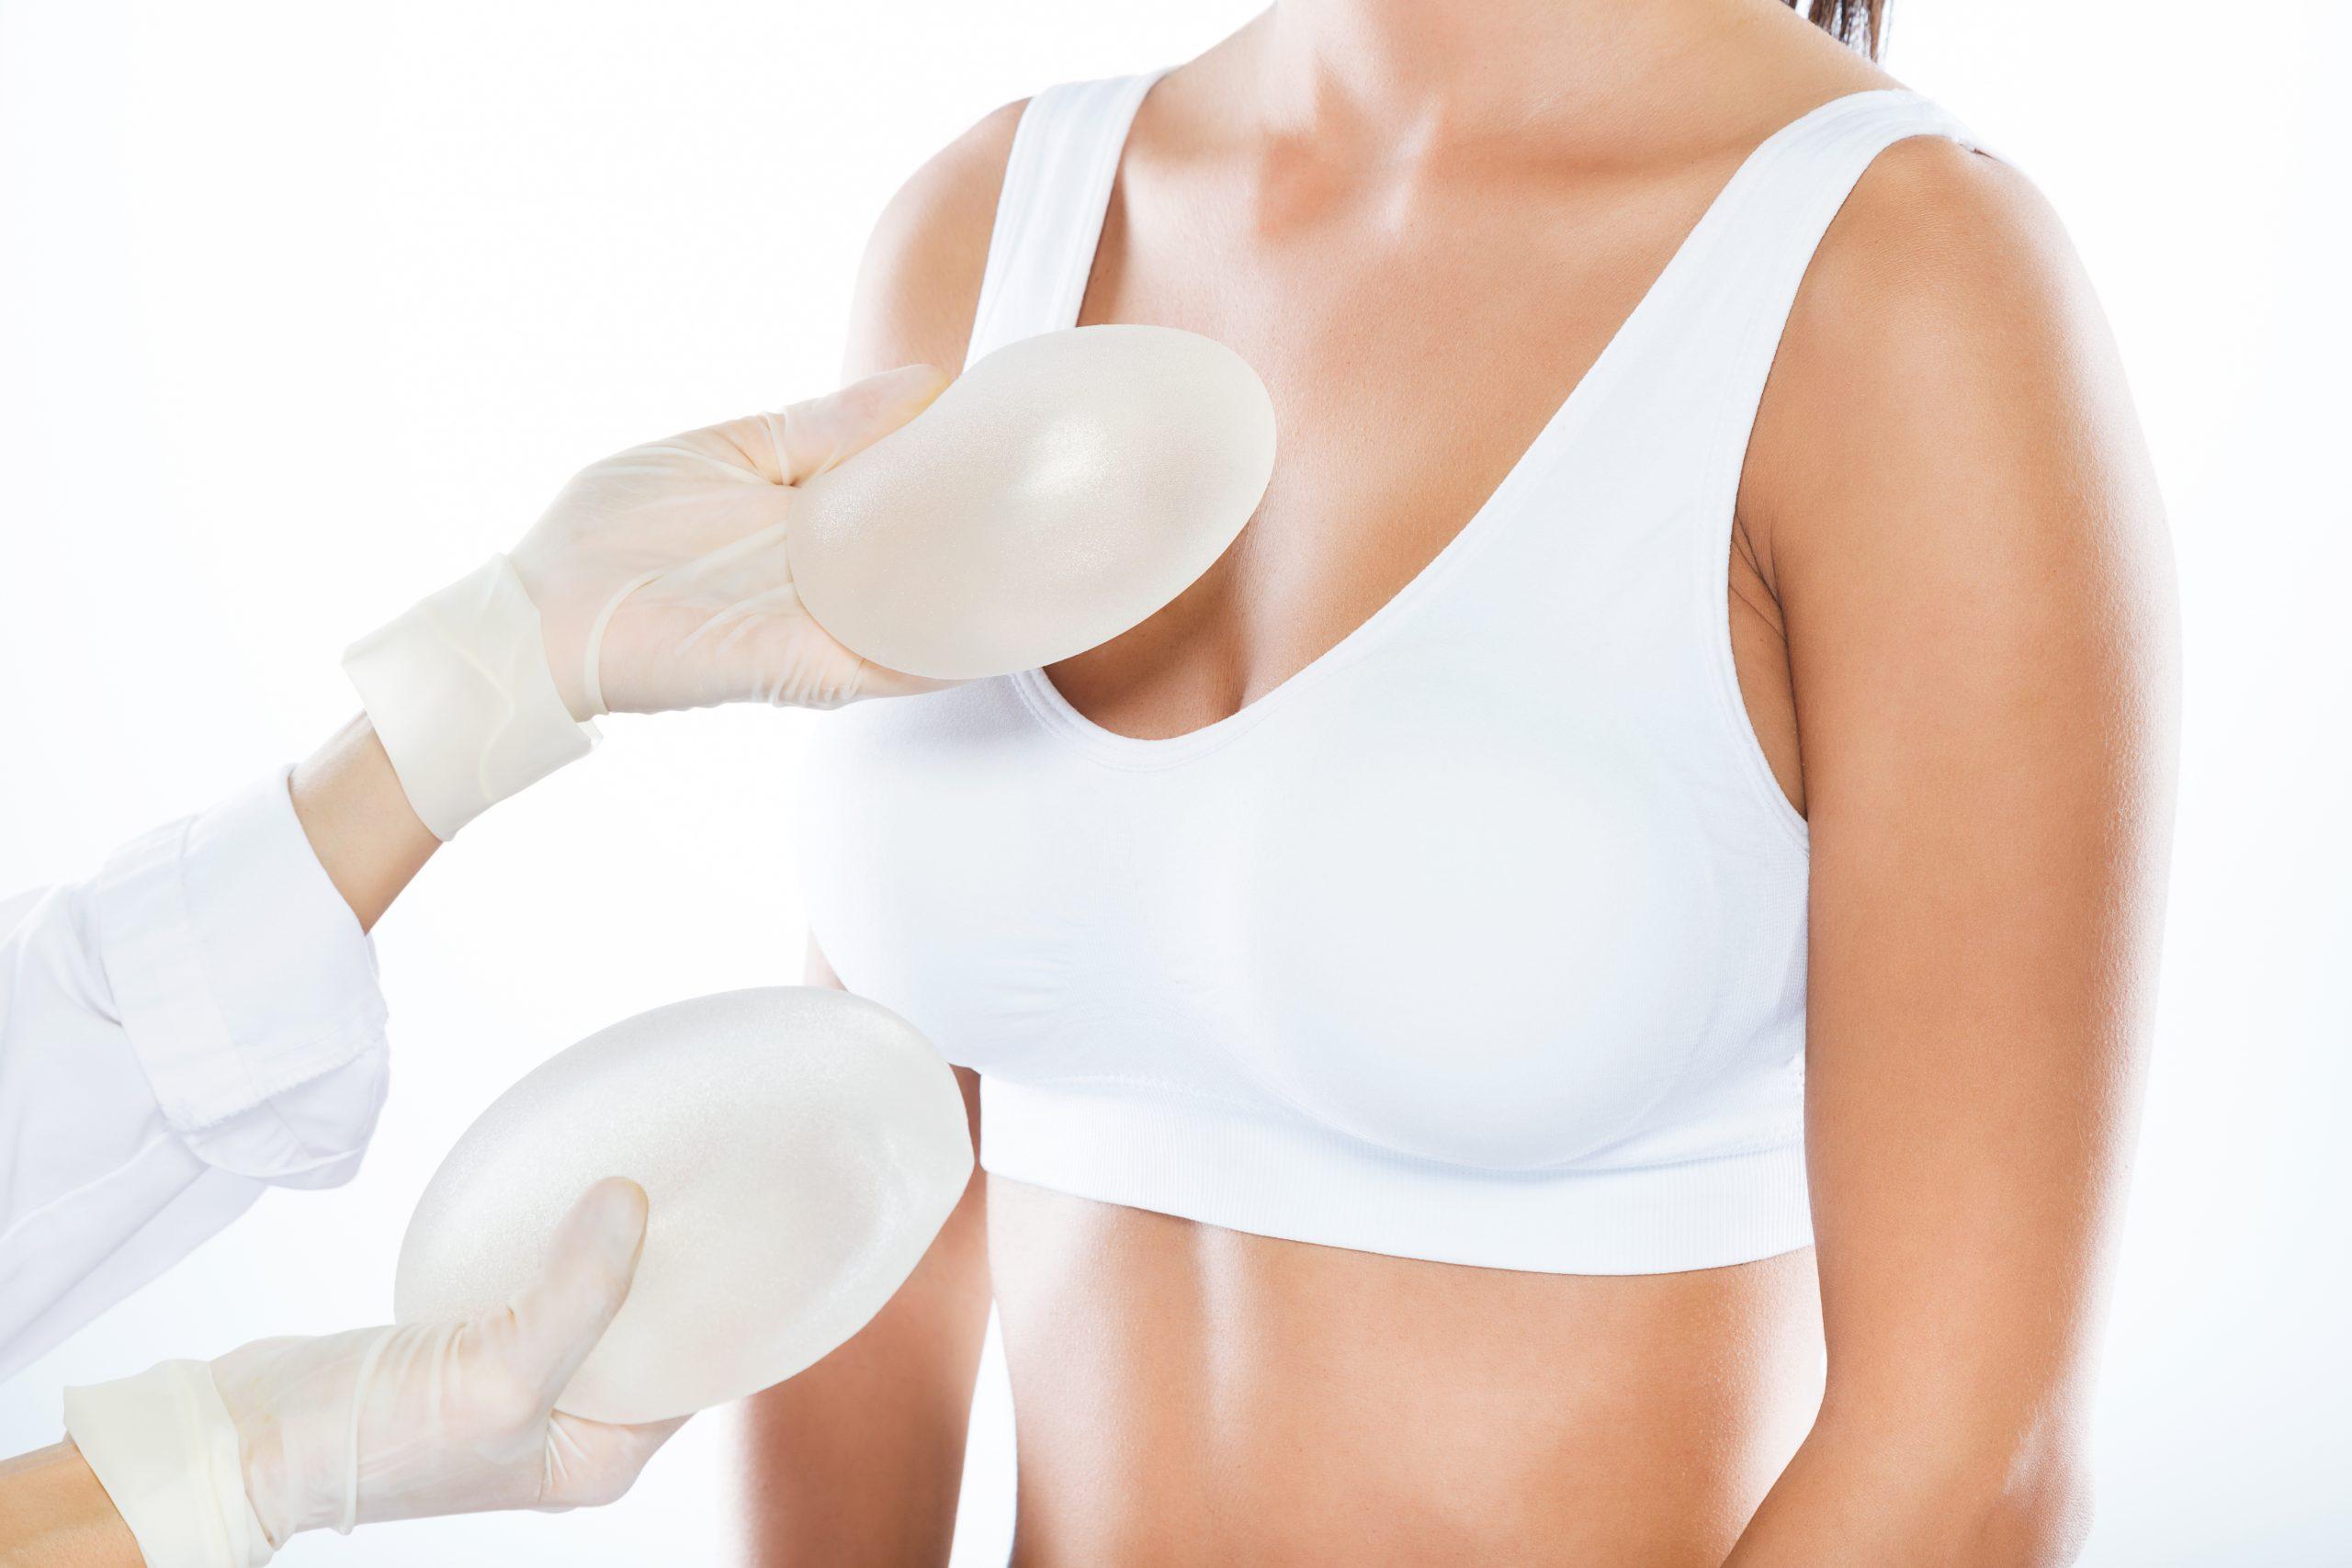 Cremas y tratamientos e intervenciones